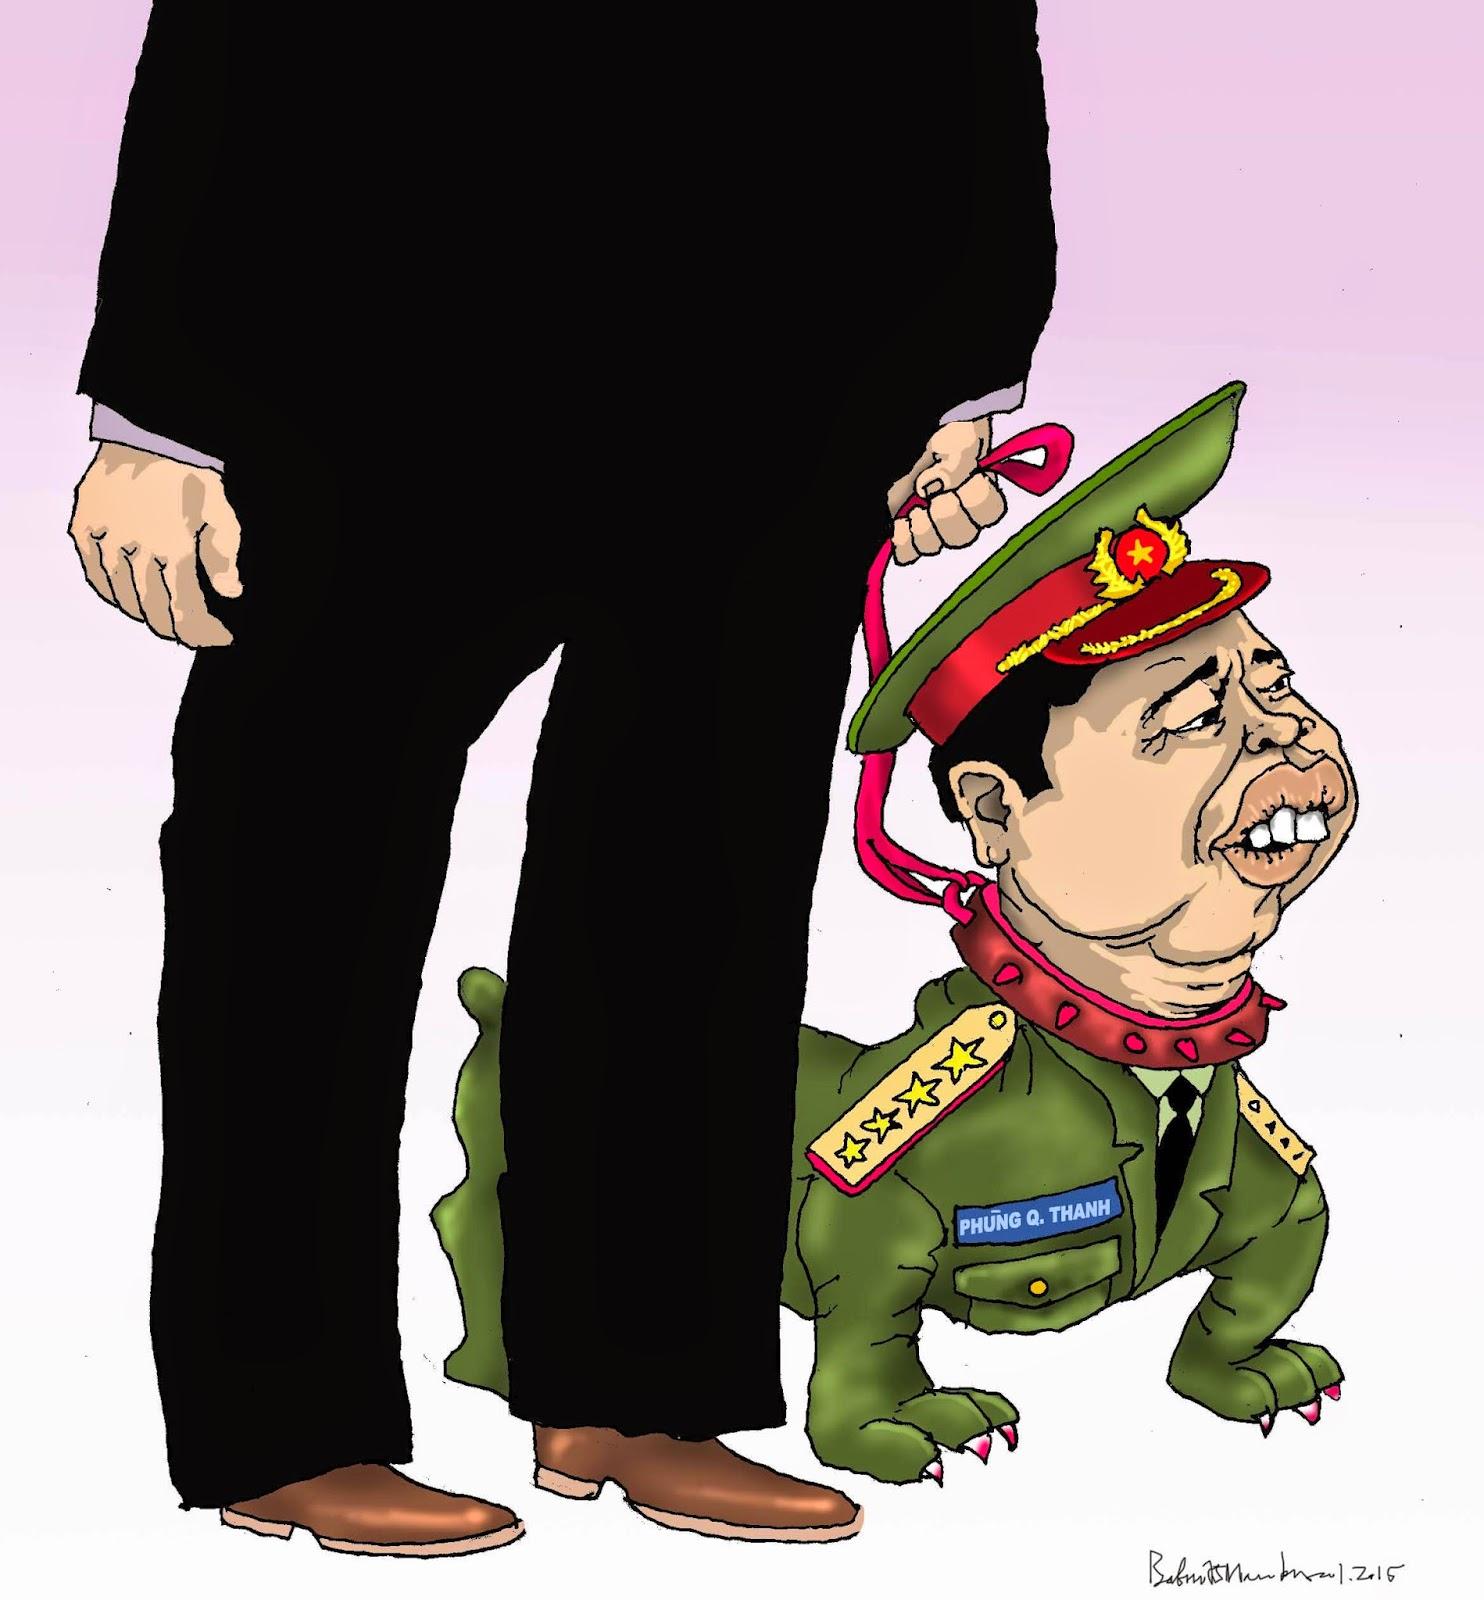 không - TỔ QUỐC GHI ƠN NGƯỜI CHIẾN SĨ VNCH PhungQuangThanh-Cho%CC%81%2BBa%CC%86%CC%81c%2BKinh-babui-danlambao